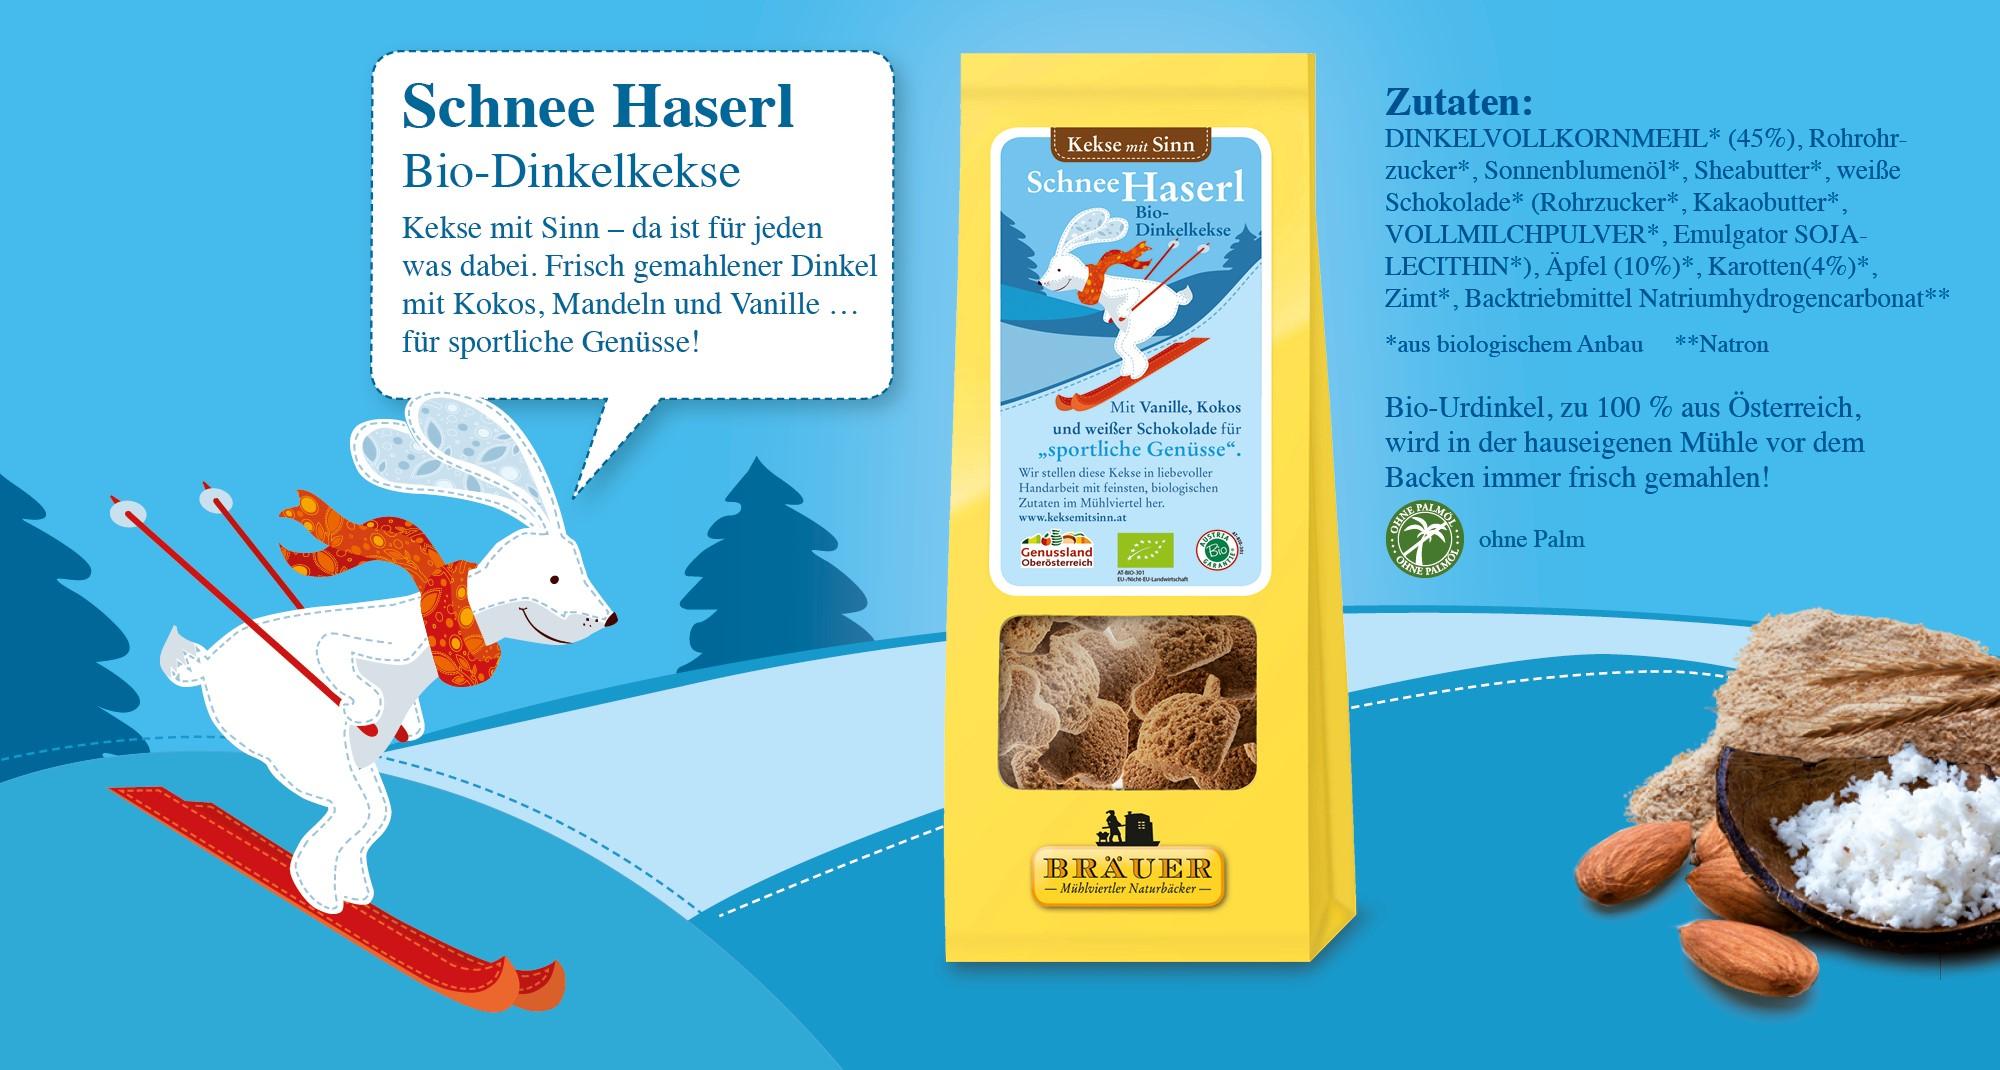 schnee-haserl-